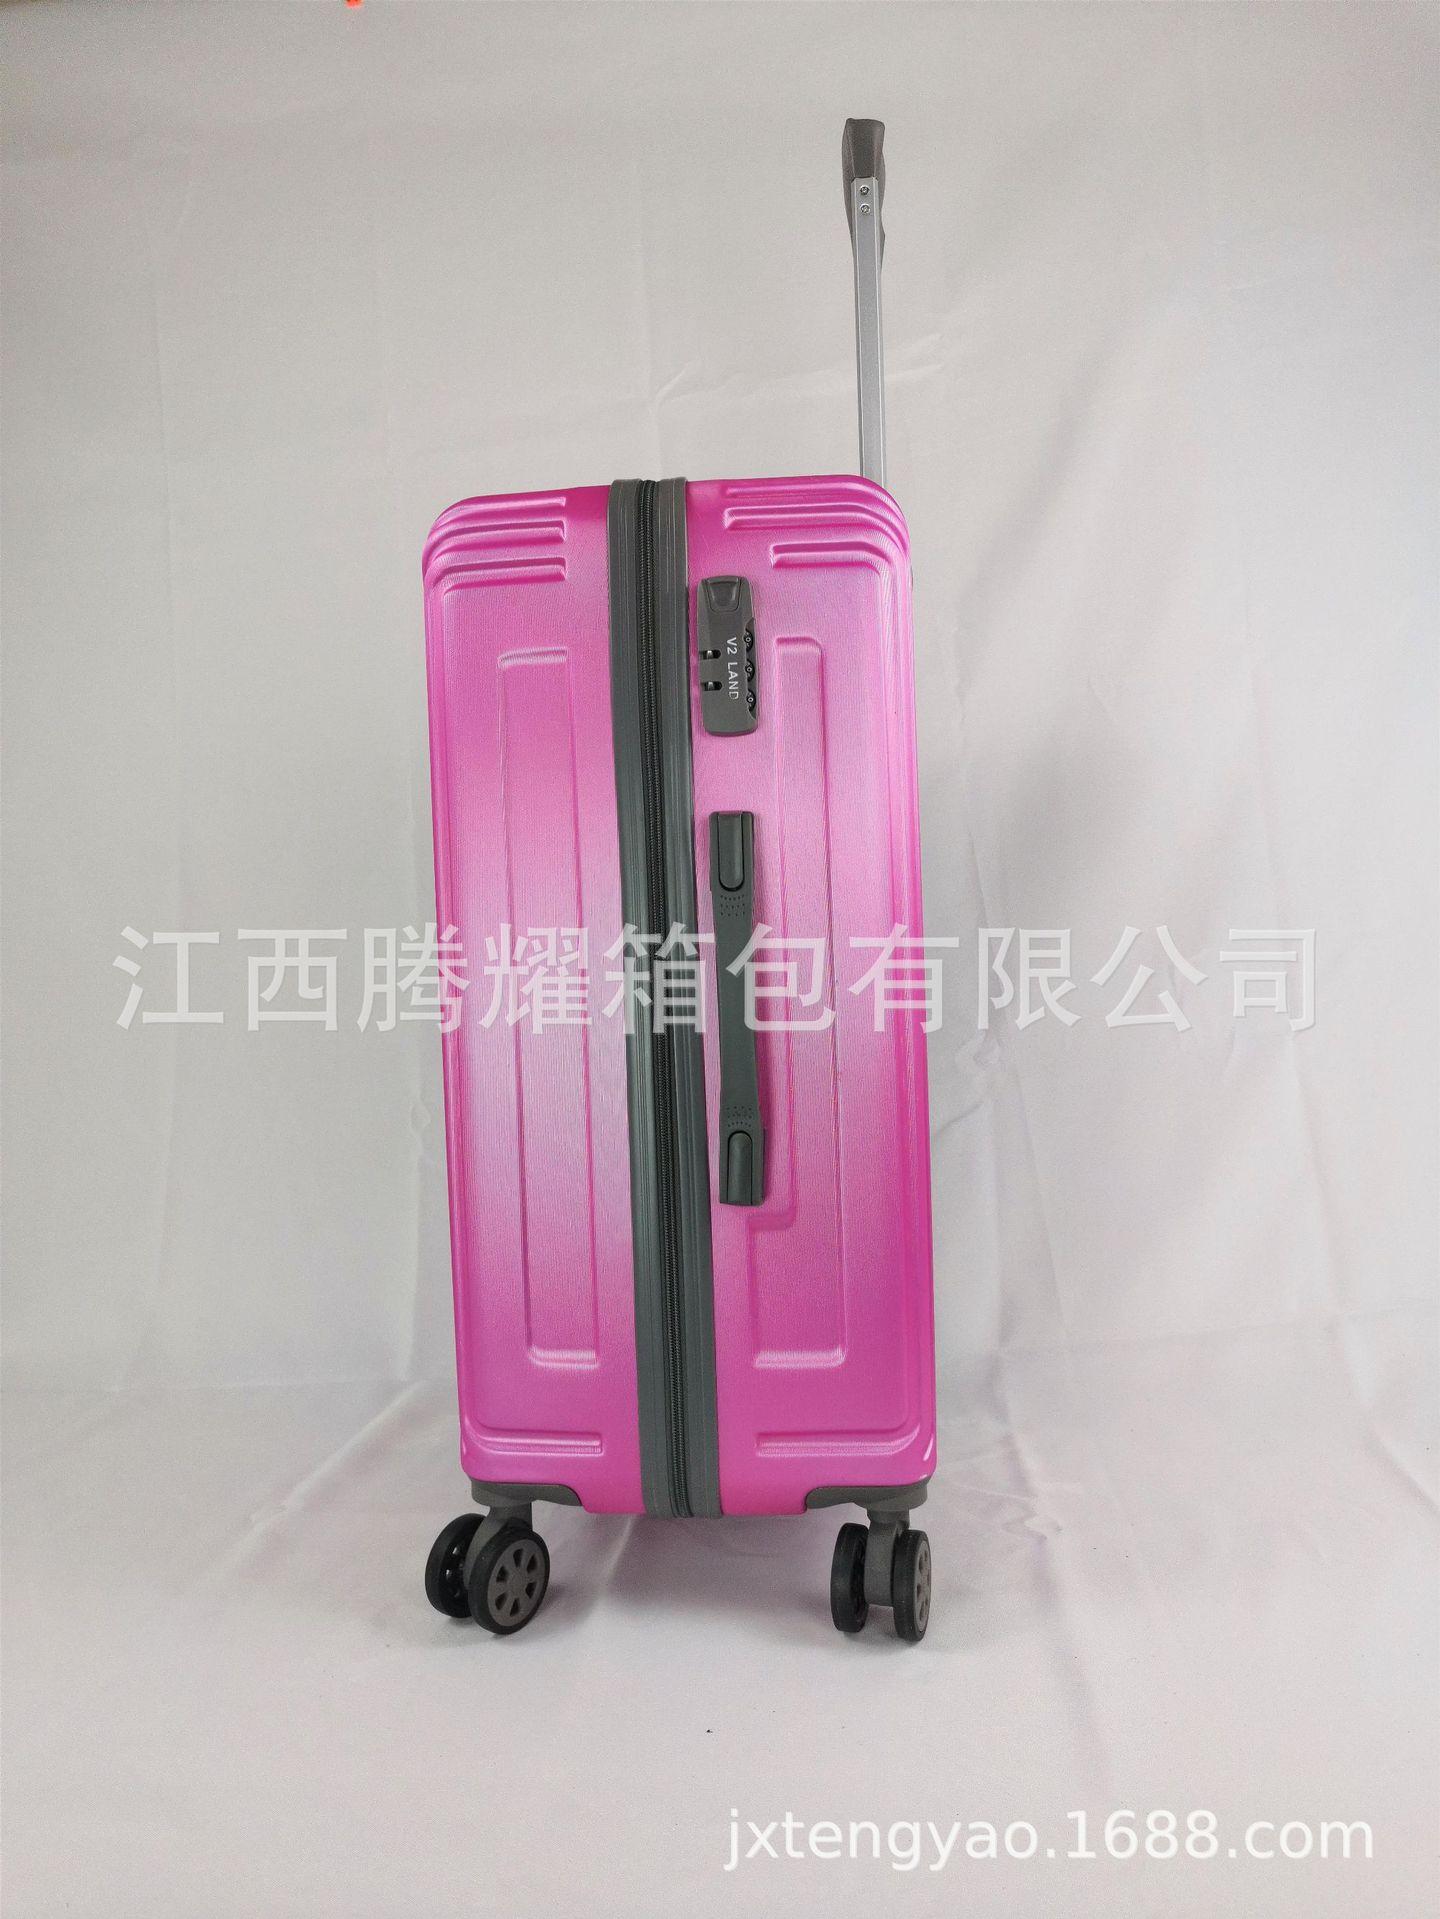 厂家直销学生万向轮拉杆旅行登机箱162024寸141439745